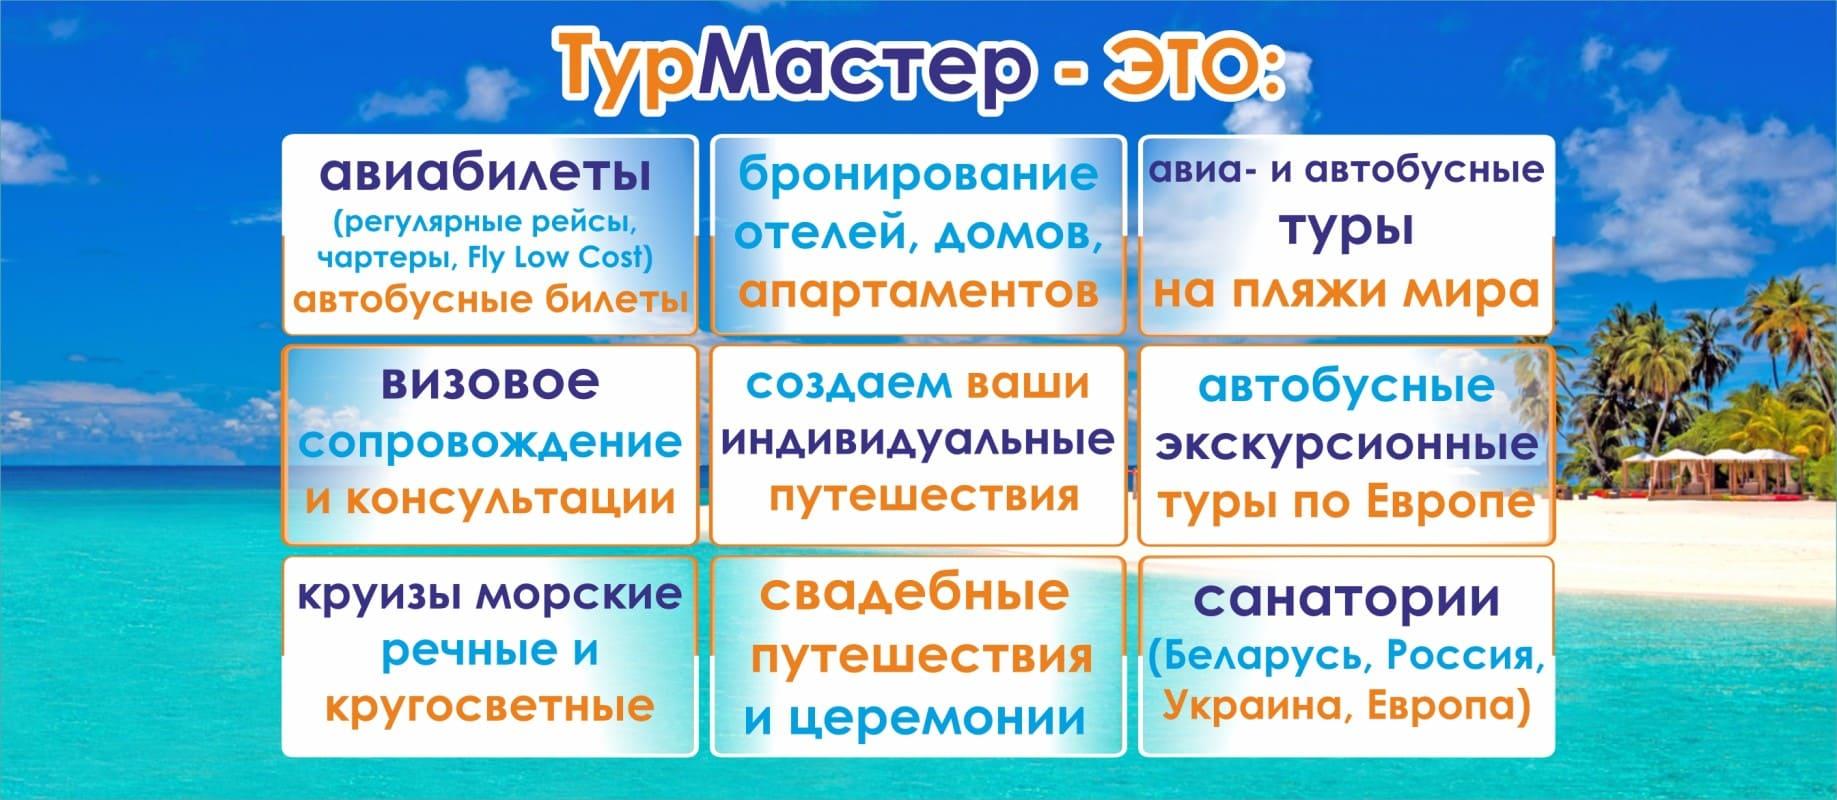 18-5-29 ТМ ЭТО